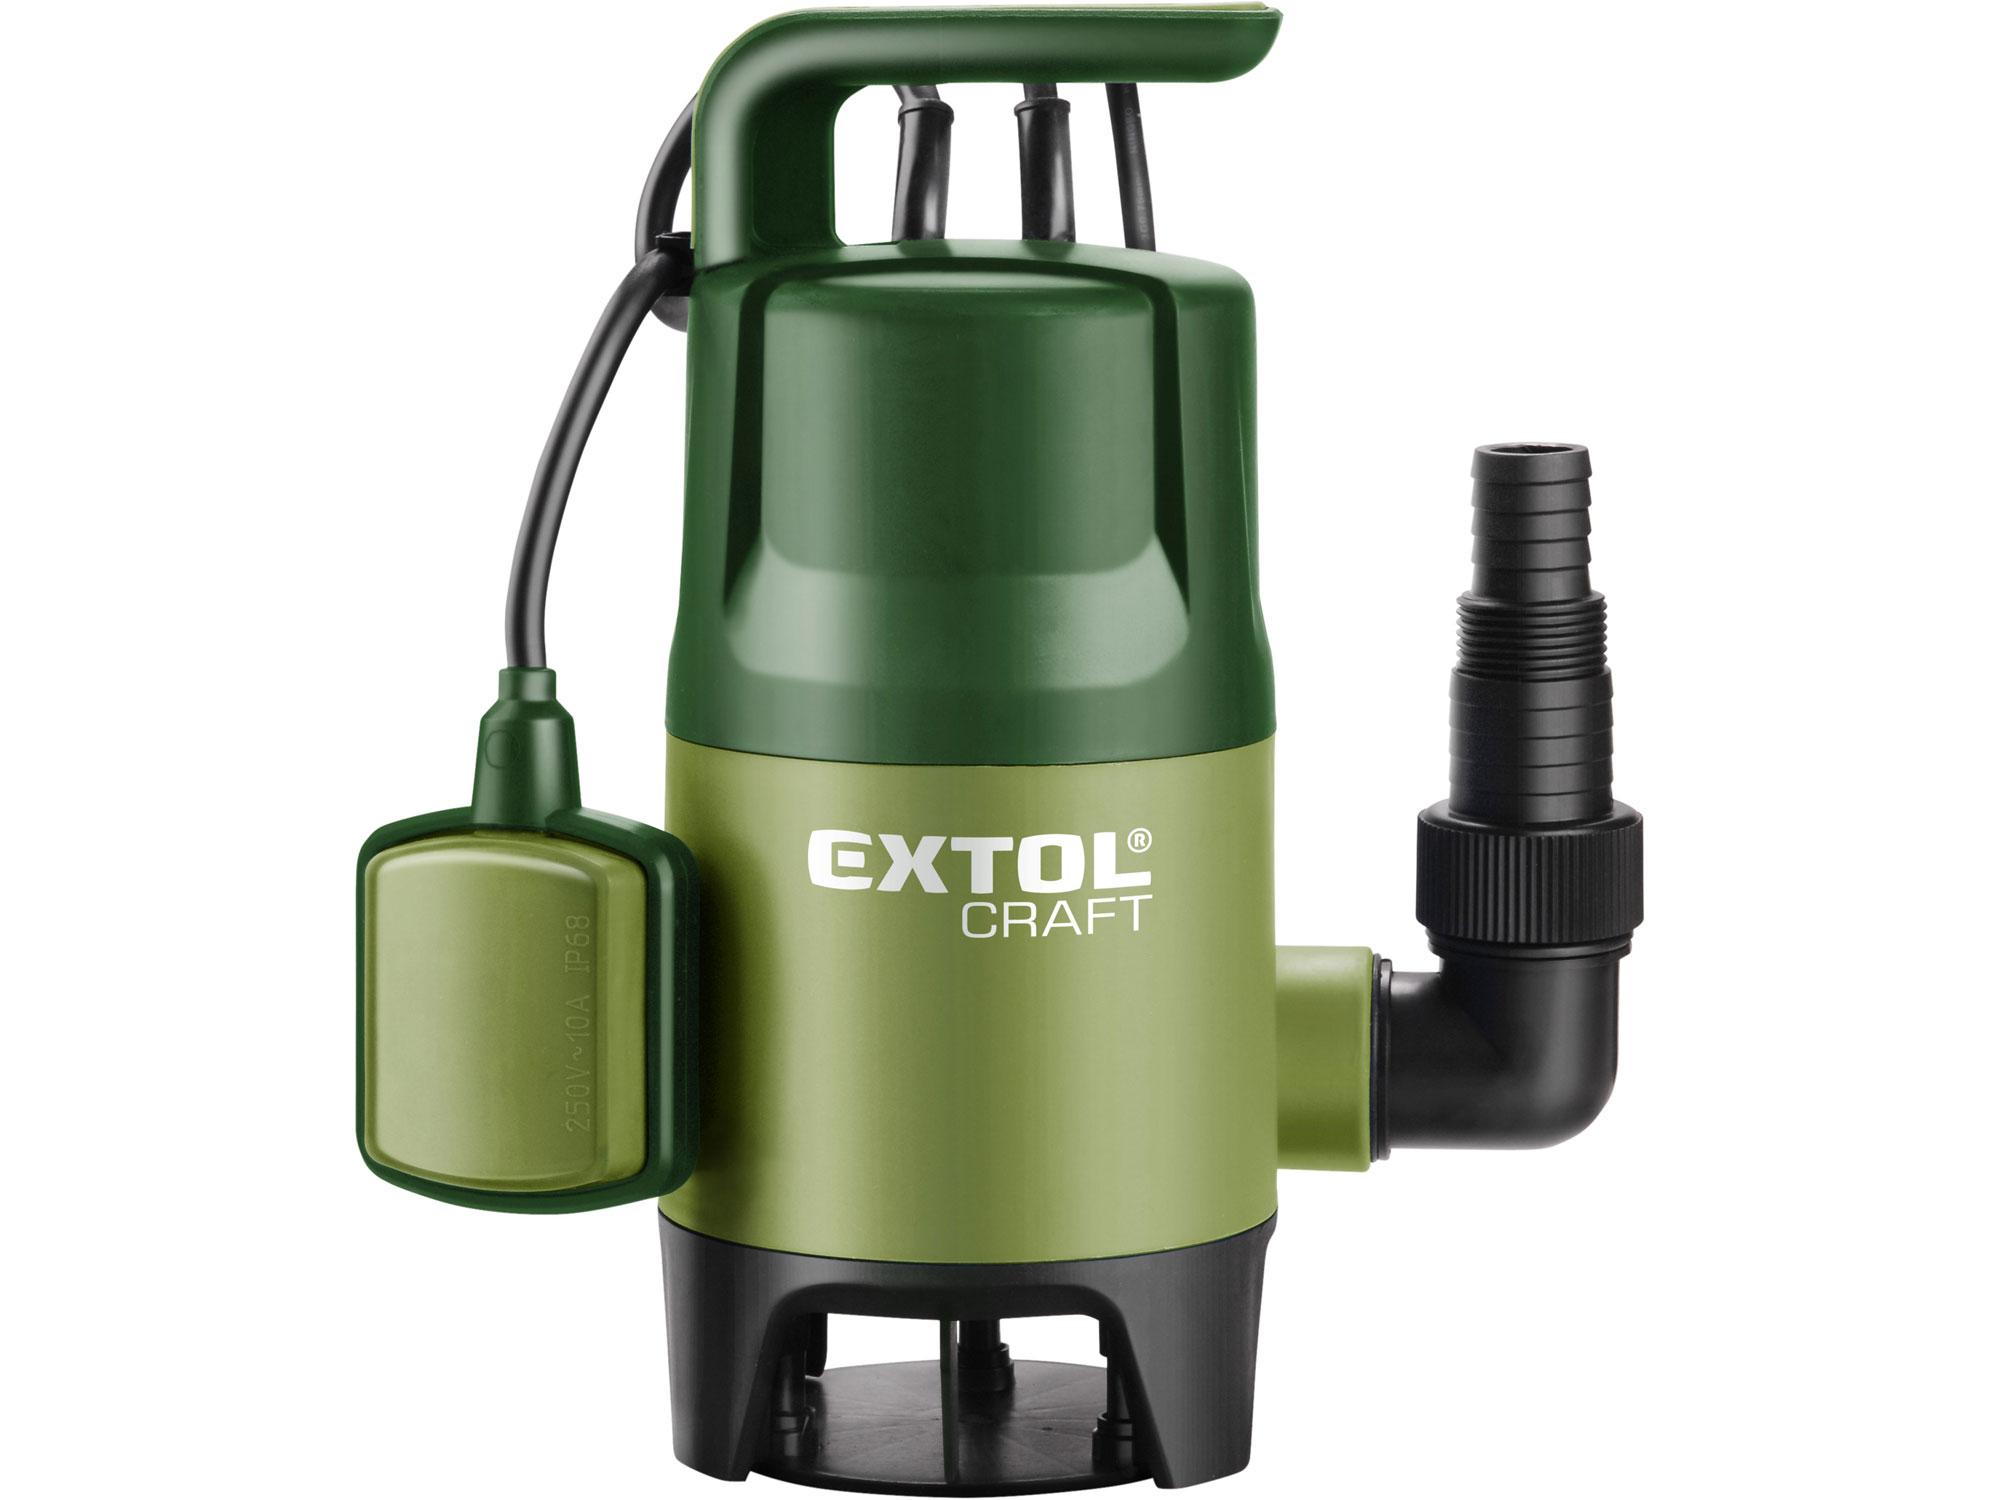 Čerpadlo na znečištěnou vodu, 400W, 7500l/hod EXTOL CRAFT 414122